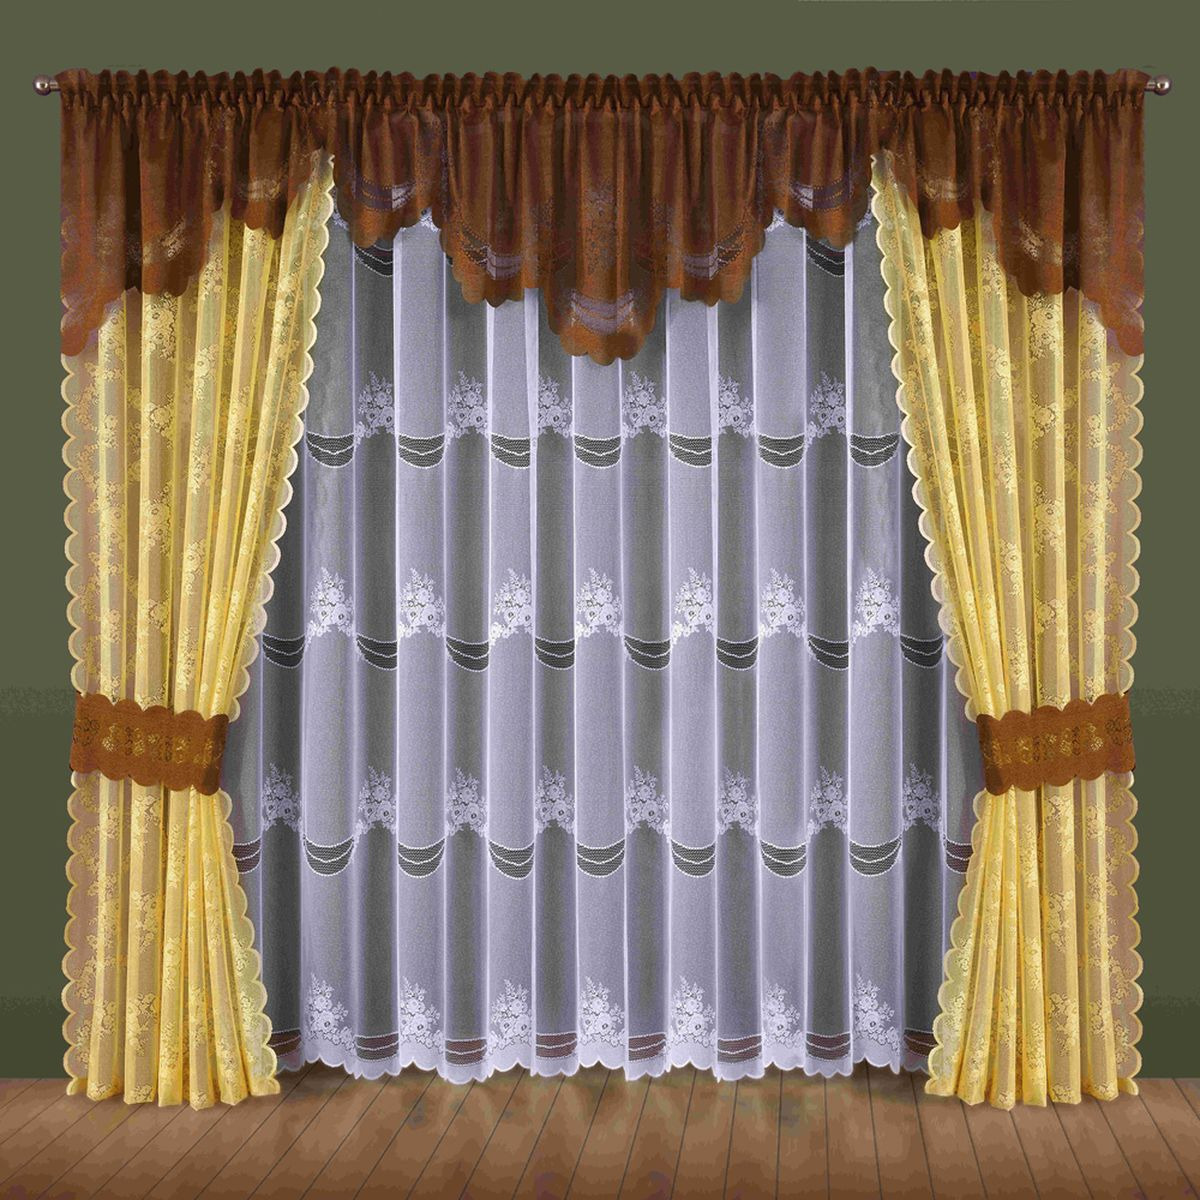 Комплект штор Wisan Nadzieja, на ленте, цвет: желтый, коричневый, высота 250 смС10250-W260V4Комплект штор Wisan Nadzieja выполненный из полиэстера, великолепно украсит любое окно. В комплект входят 2 шторы, тюль, ламбрекен и 2 подхвата. Интересный крой и нежный узор придают комплекту особый стиль и шарм. Тонкое плетение, нежная цветовая гамма и роскошное исполнение - все это делает шторы Wisan Nadzieja замечательным дополнением интерьера помещения.Комплект оснащен шторной лентой для красивой сборки. В комплект входит: Штора - 2 шт. Размер (ШхВ): 145 см х 250 см. Тюль - 1 шт. Размер (ШхВ): 400 см х 250 см. Ламбрекен - 1 шт. Размер (ШхВ): 440 см х 70 см. Подхват - 2 шт.Фирма Wisan на польском рынке существует уже более пятидесяти лет и является одной из лучших польских фабрик по производству штор и тканей. Ассортимент фирмы представлен готовыми комплектами штор для гостиной, детской, кухни, а также текстилем для кухни (скатерти, салфетки, дорожки, кухонные занавески). Модельный ряд отличает оригинальный дизайн, высокое качество. Ассортимент продукции постоянно пополняется.